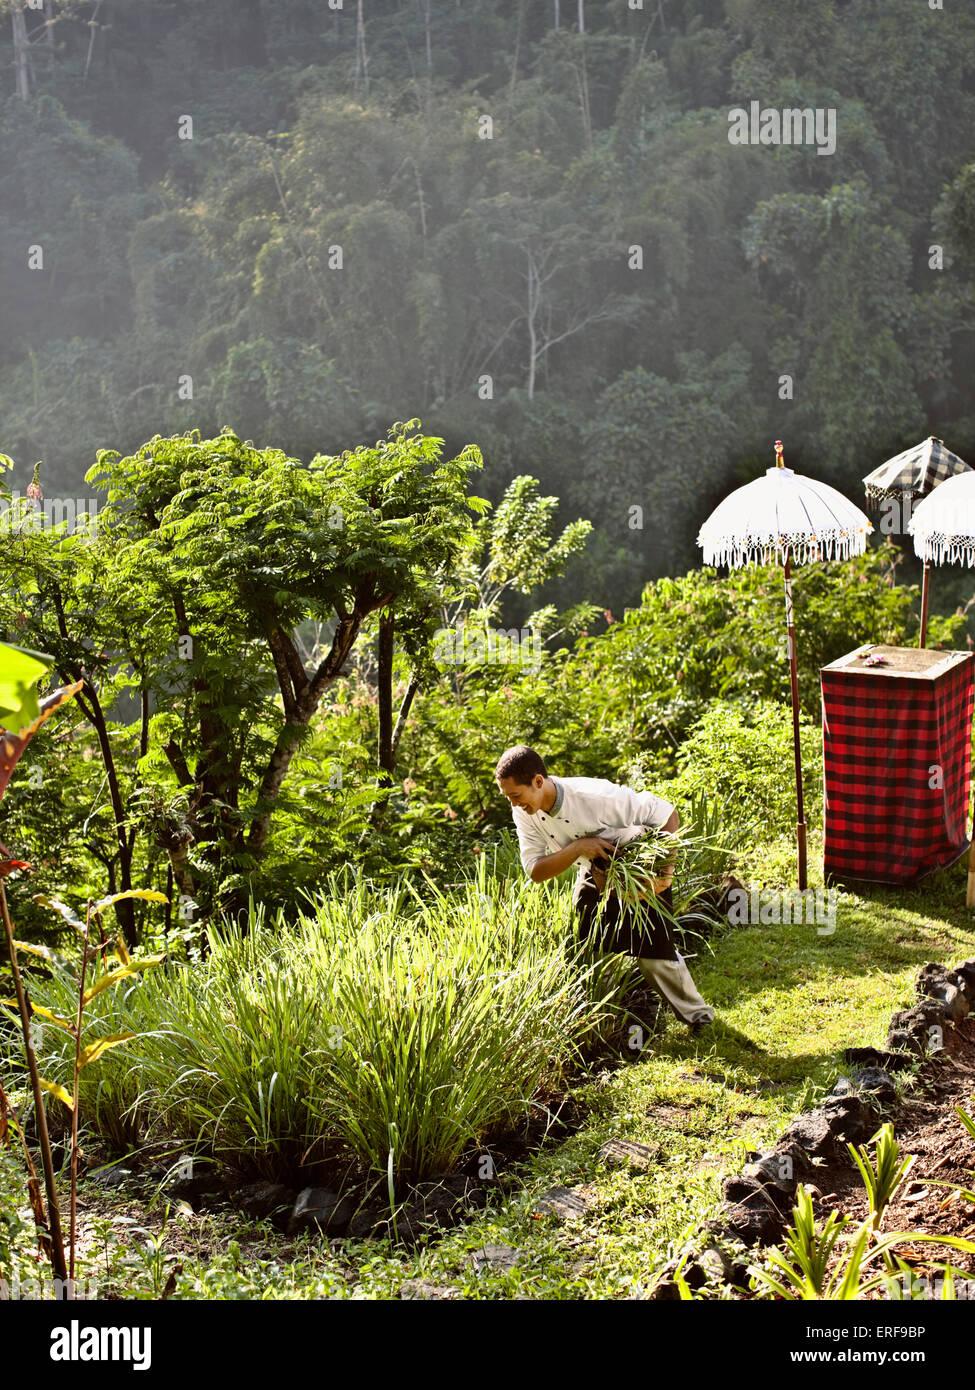 Les légumes dans le chef picks jardin biologique du complexe à Ubud Hanging Gardens, Bali, Indonésie. Photo Stock